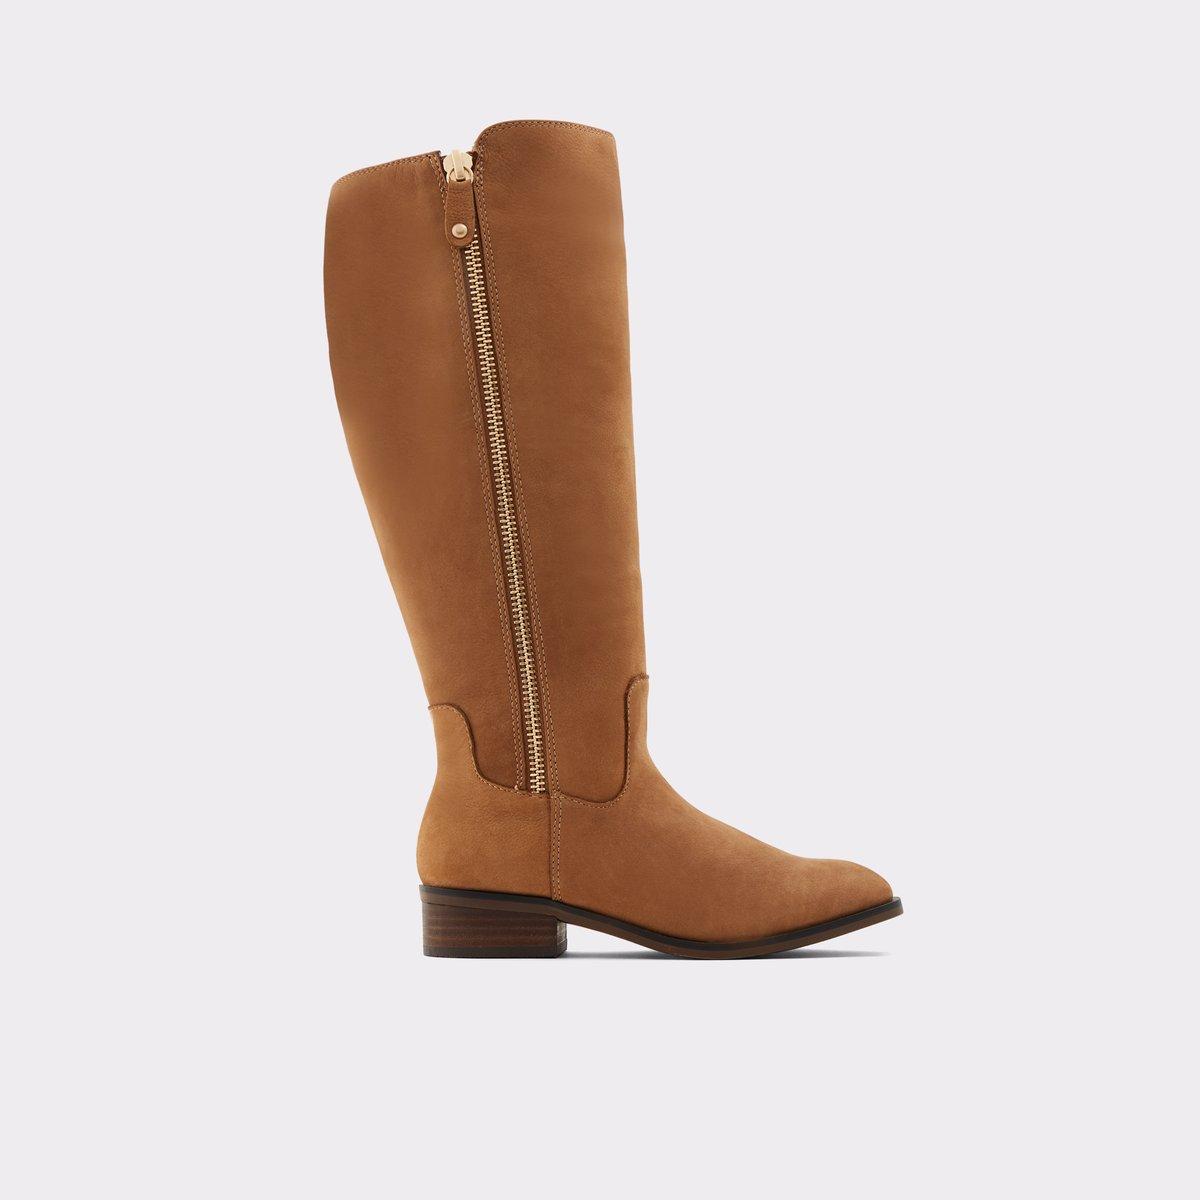 Gaenna-wc Medium Brown Women's Boots